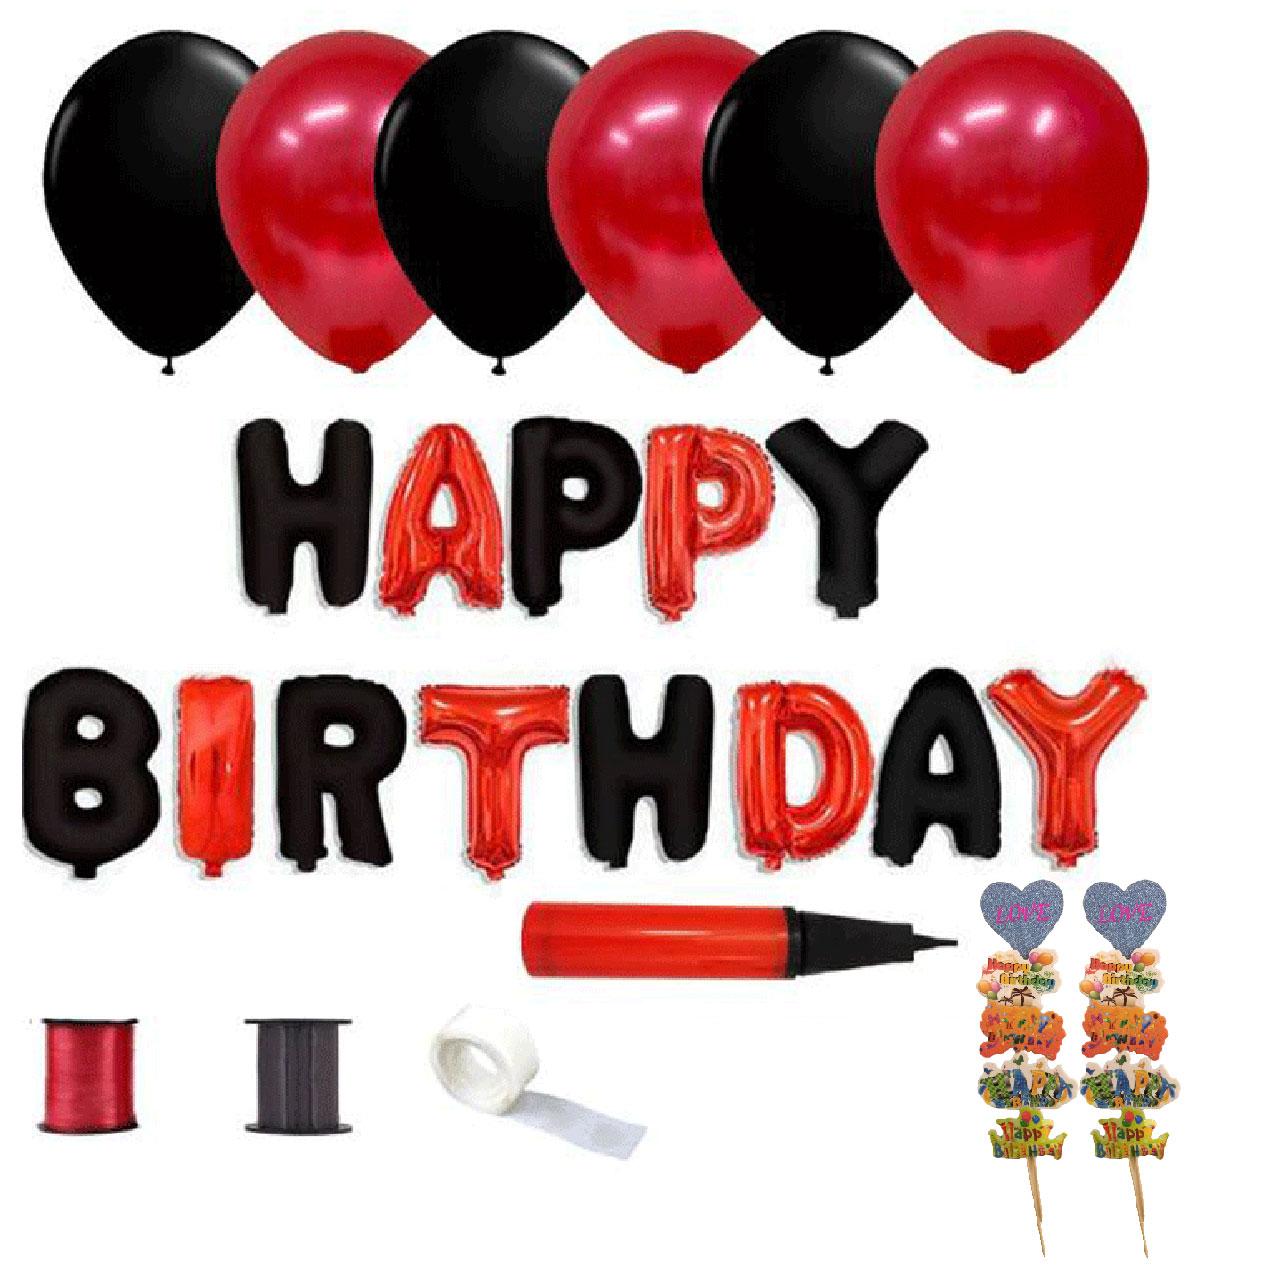 عکس بسته بادکنک آرایی طرح Happy Birthday کد 2